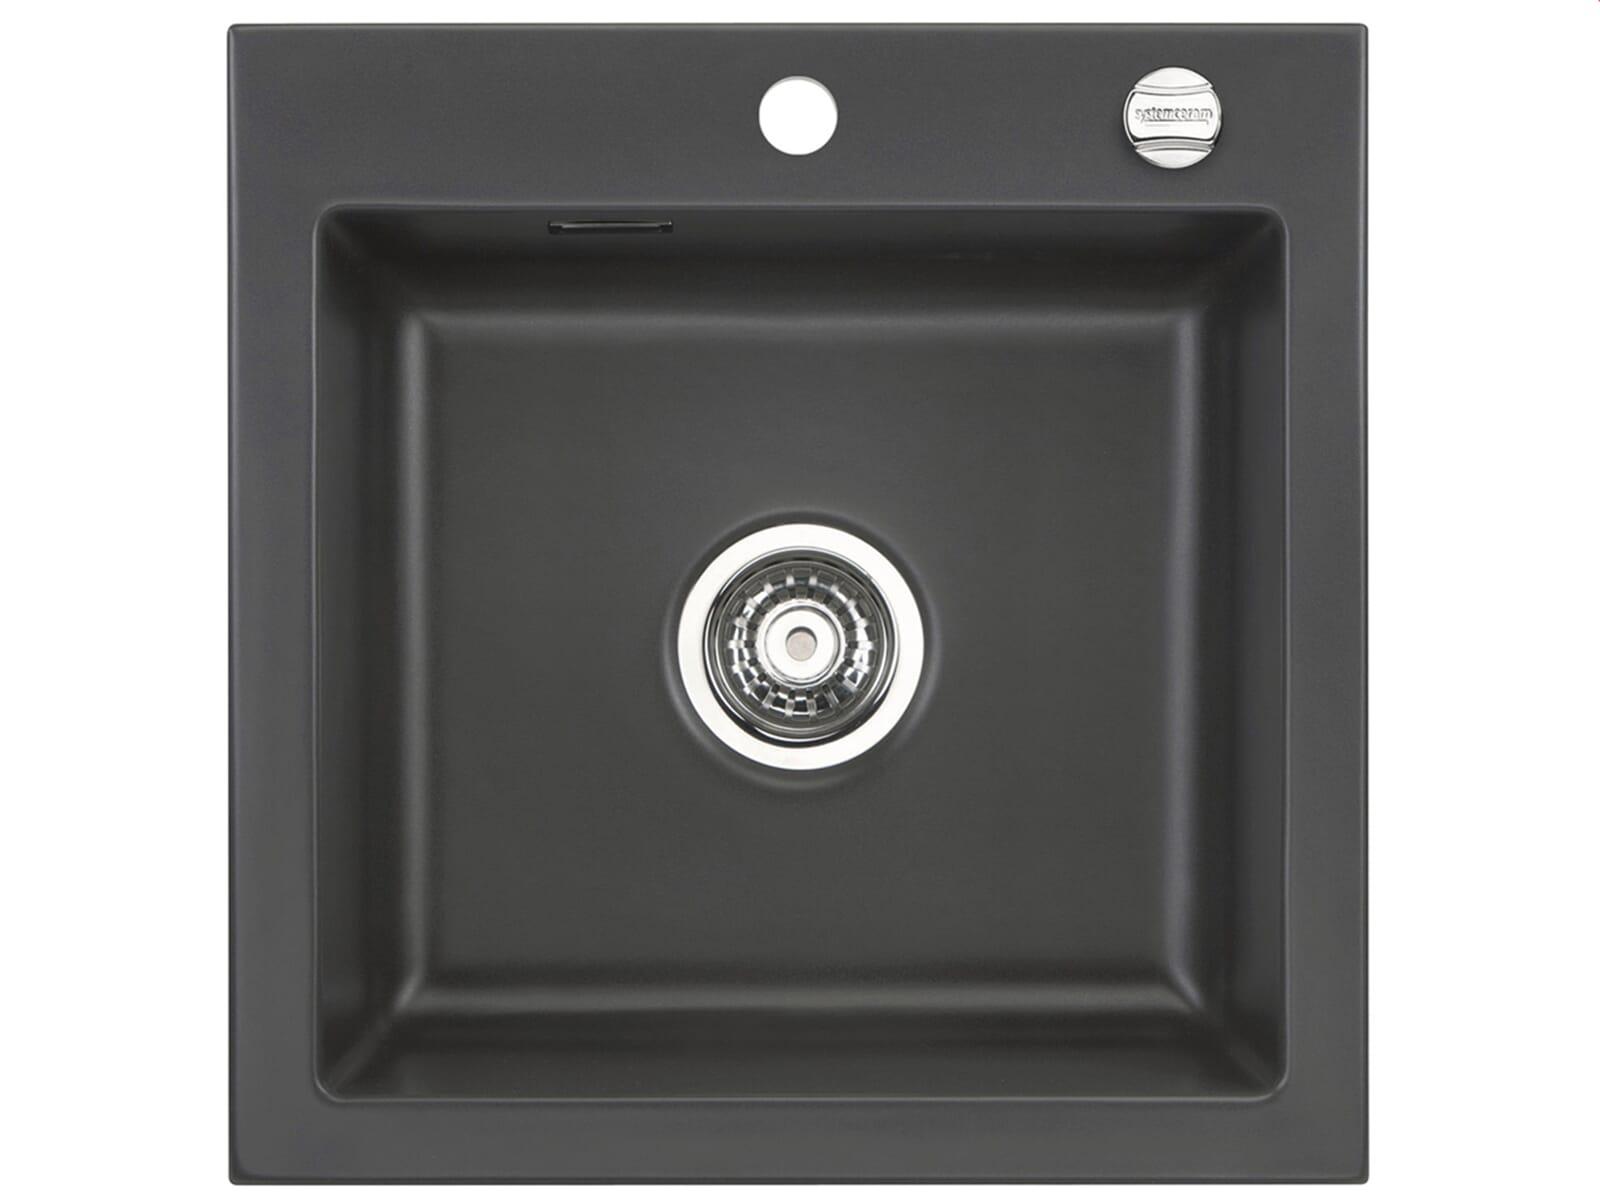 Systemceram Mera 51 Schiefer Keramikspüle Excenterbetätigung